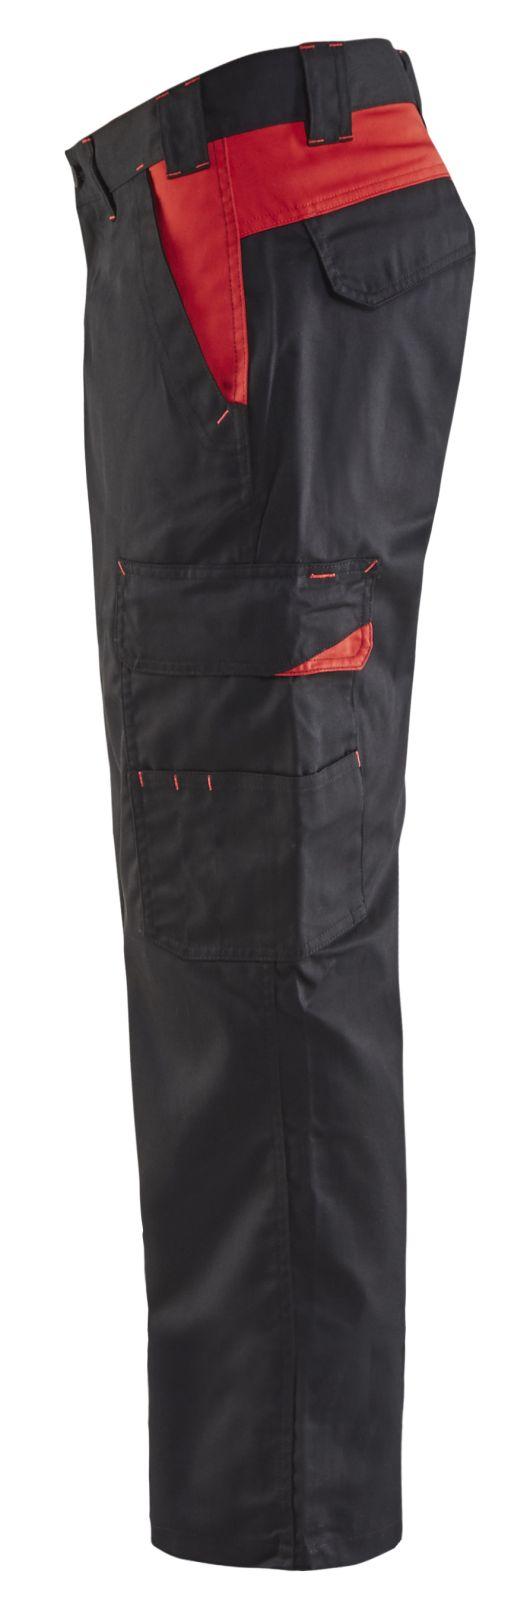 Blaklader Broeken 14041800 zwart-rood(9956)